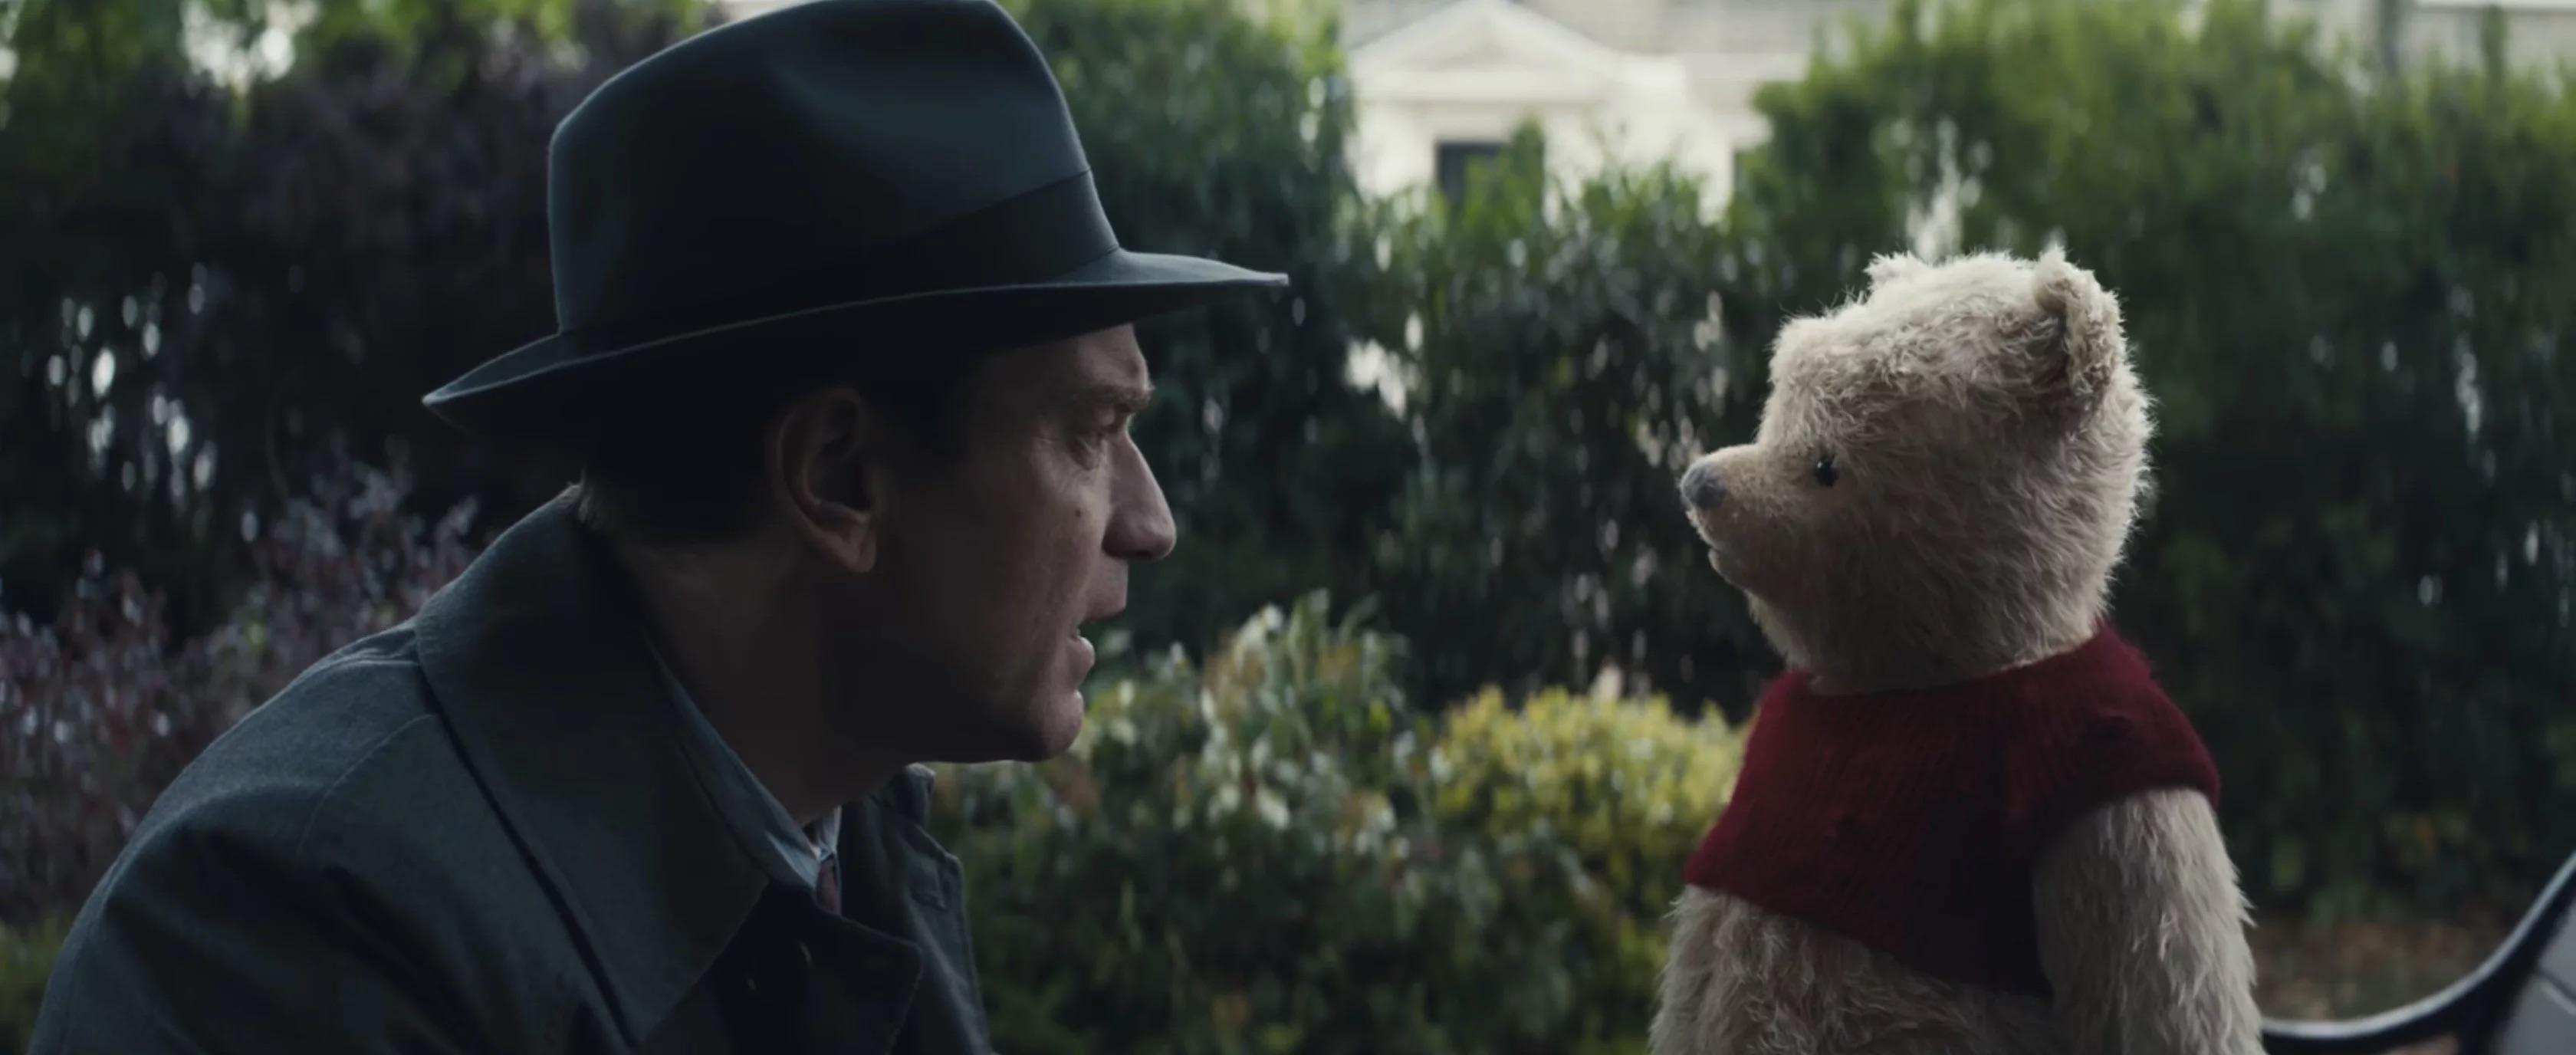 robin - Oscar premiará melhor filme popular em 2019. Vote no seu preferido.